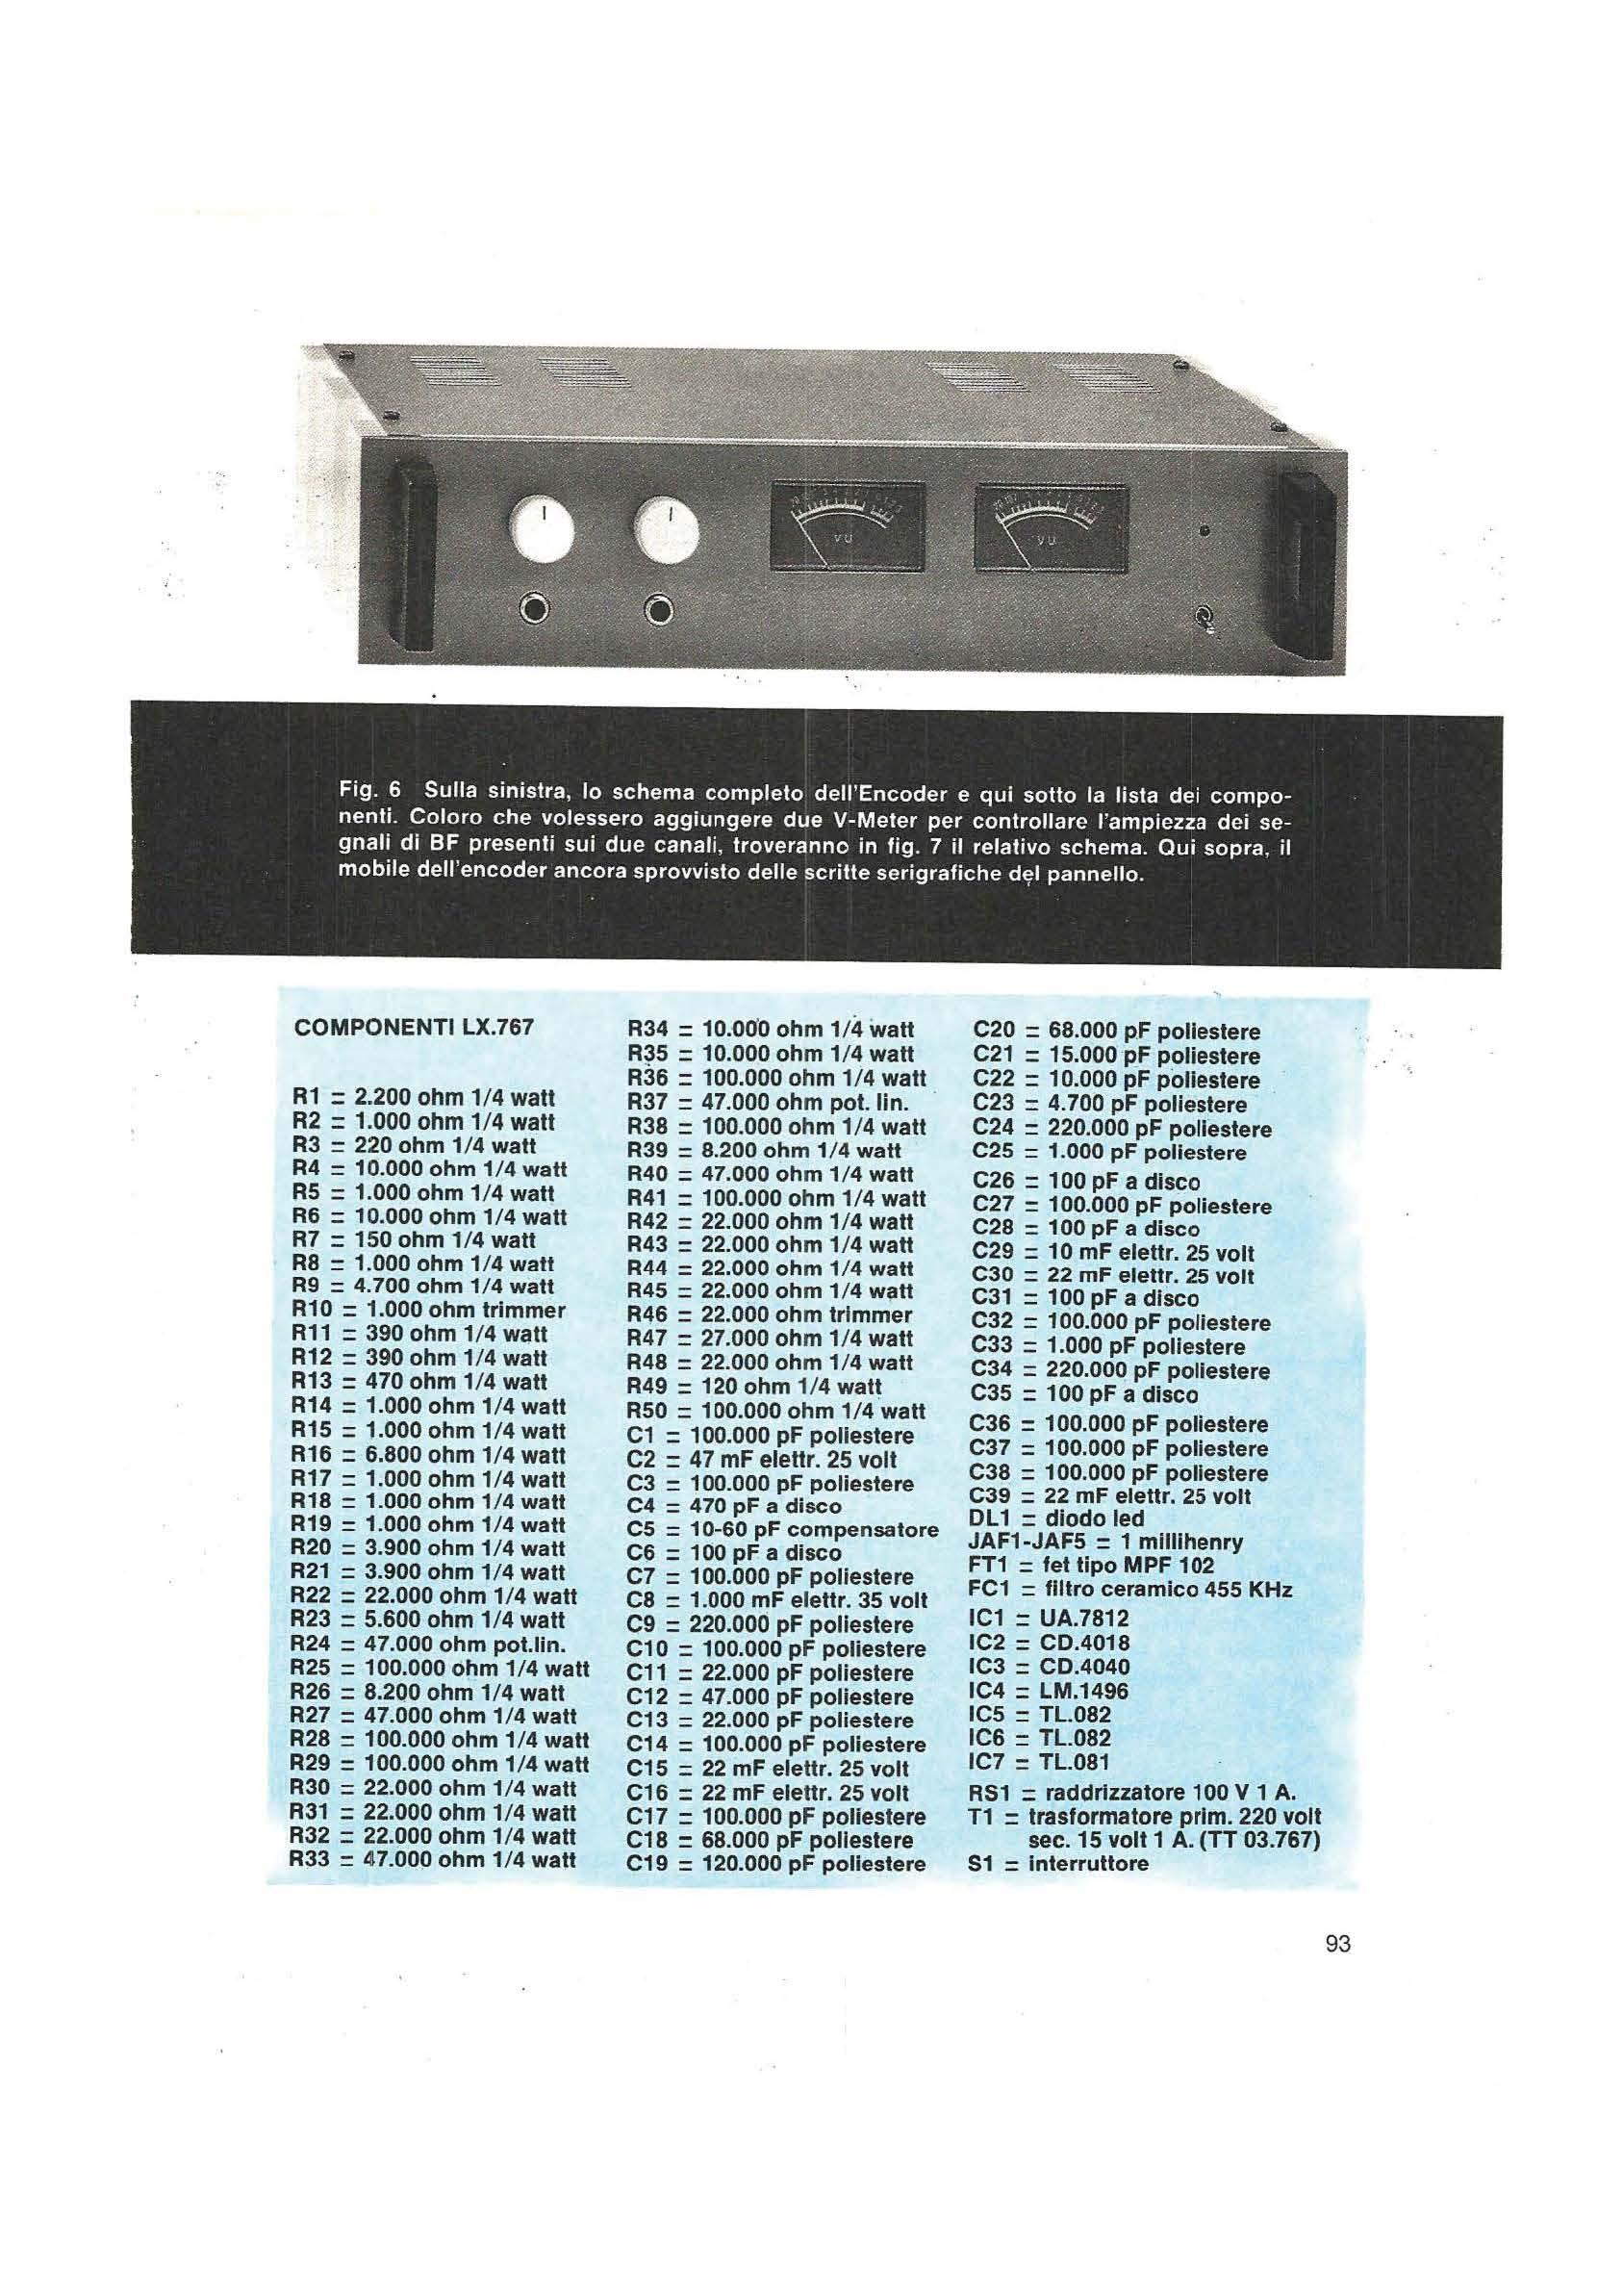 Solucionado Codificador Estereo Mpx Reparacion De Ba1404 Stereo Encoder P Dada La Aclaracin Provista Por El Sr Moderador Tangos Ac Esta Circuito Publicado En Revista